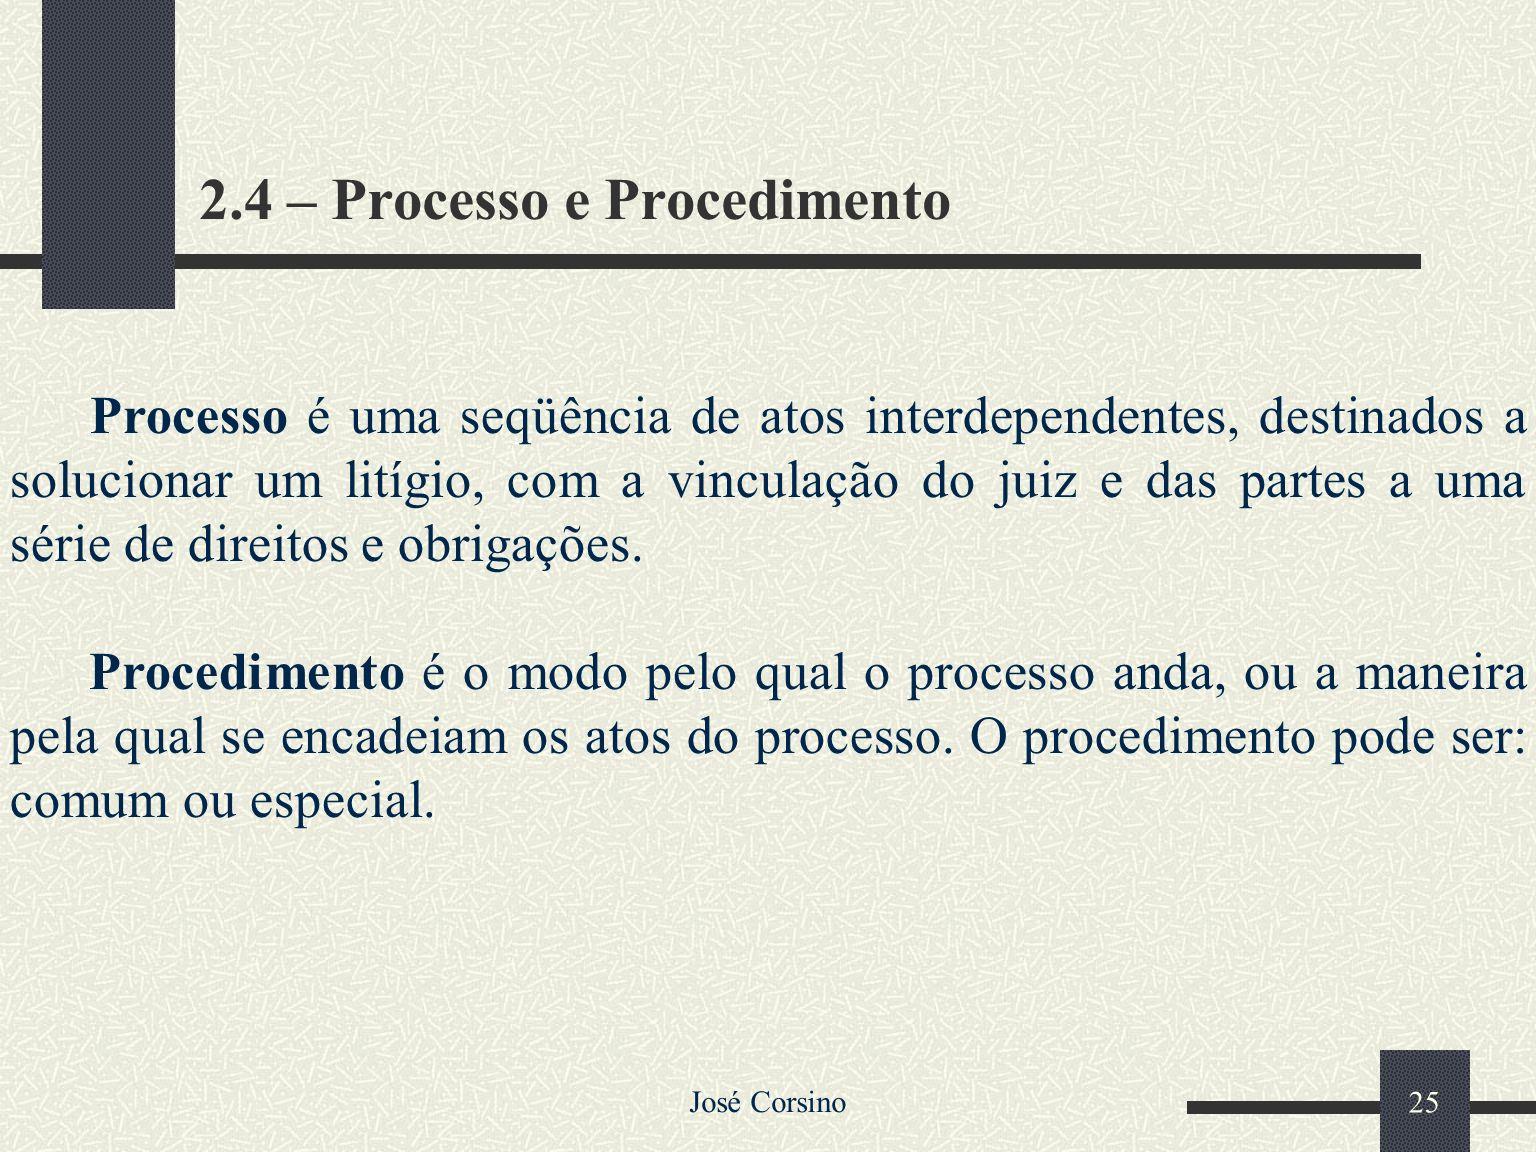 2.4 – Processo e Procedimento